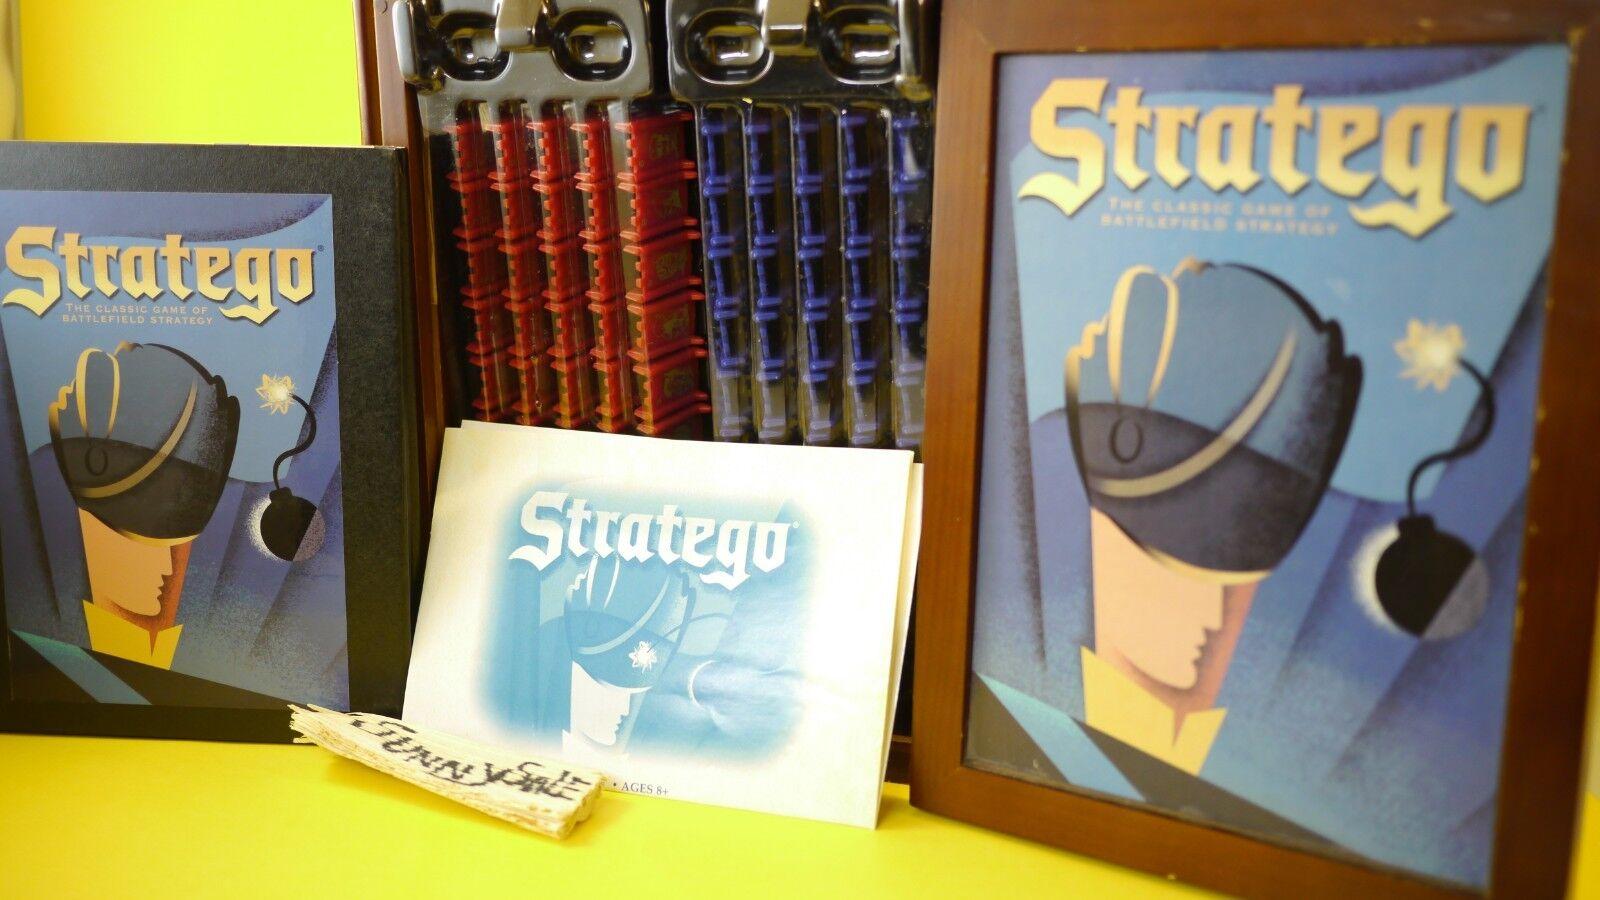 Stratego buch regal ausgabe vintage collection strategie brettspiel holz - ziel